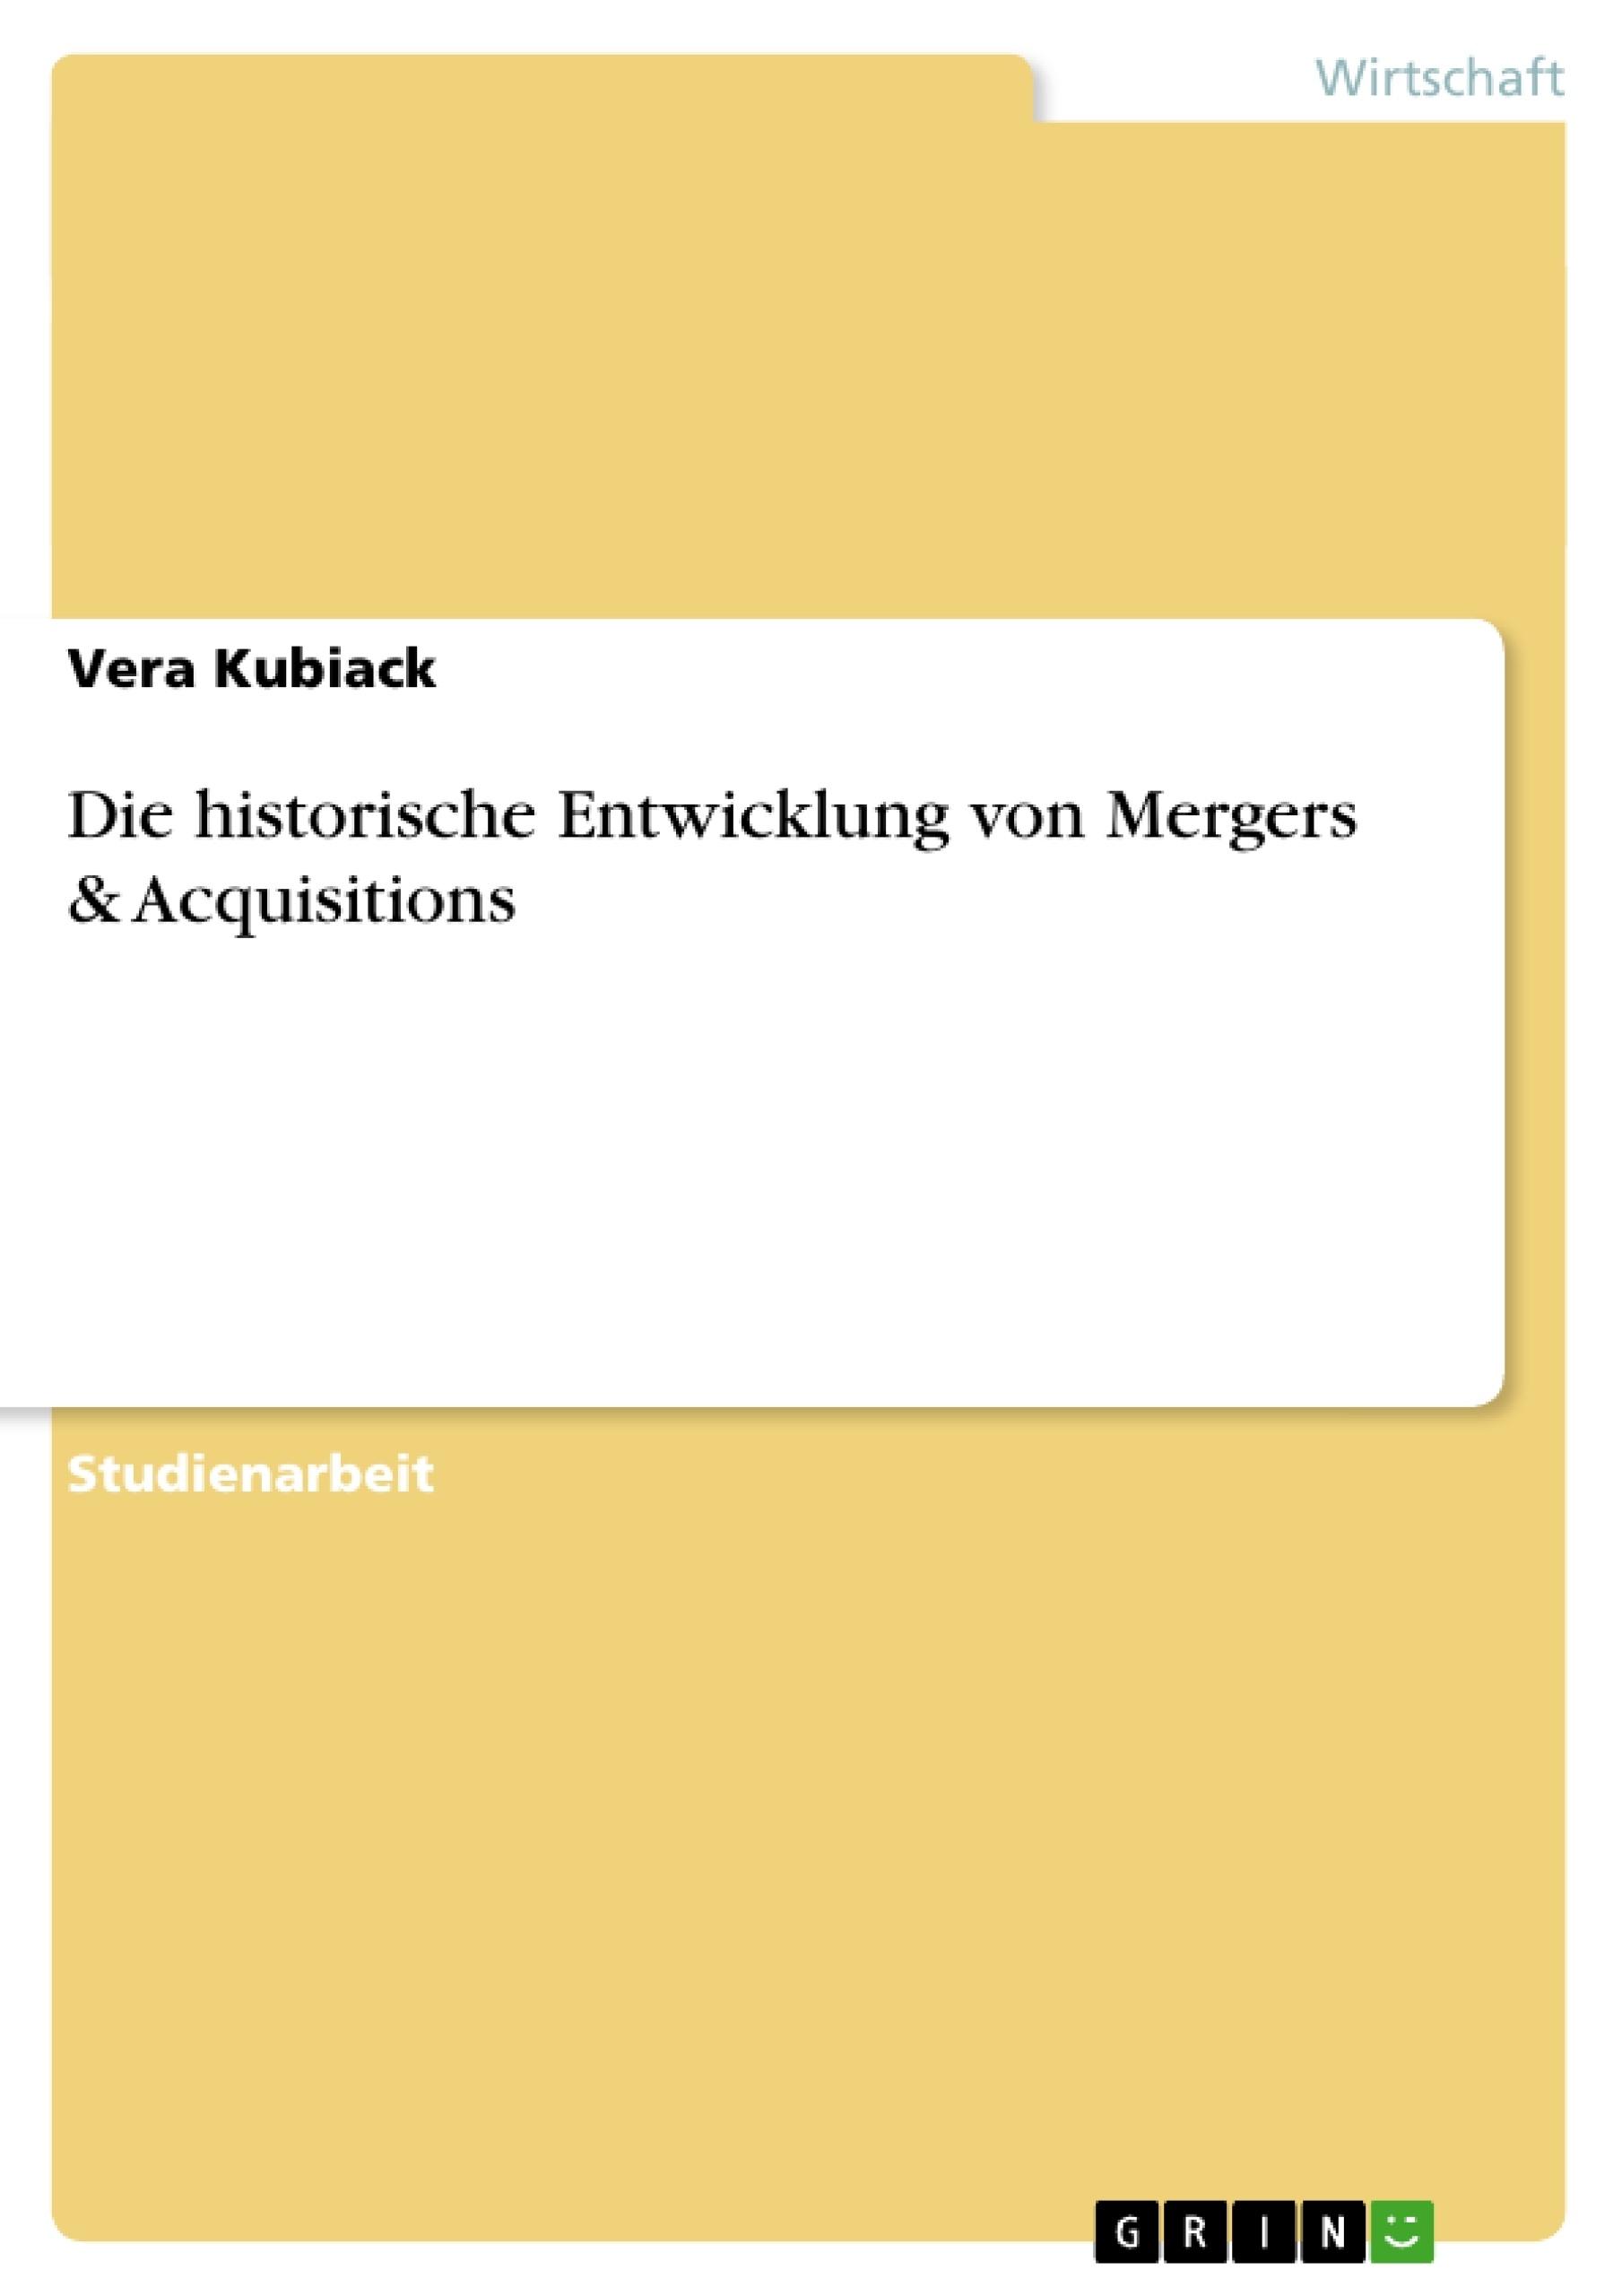 Titel: Die historische Entwicklung von Mergers & Acquisitions